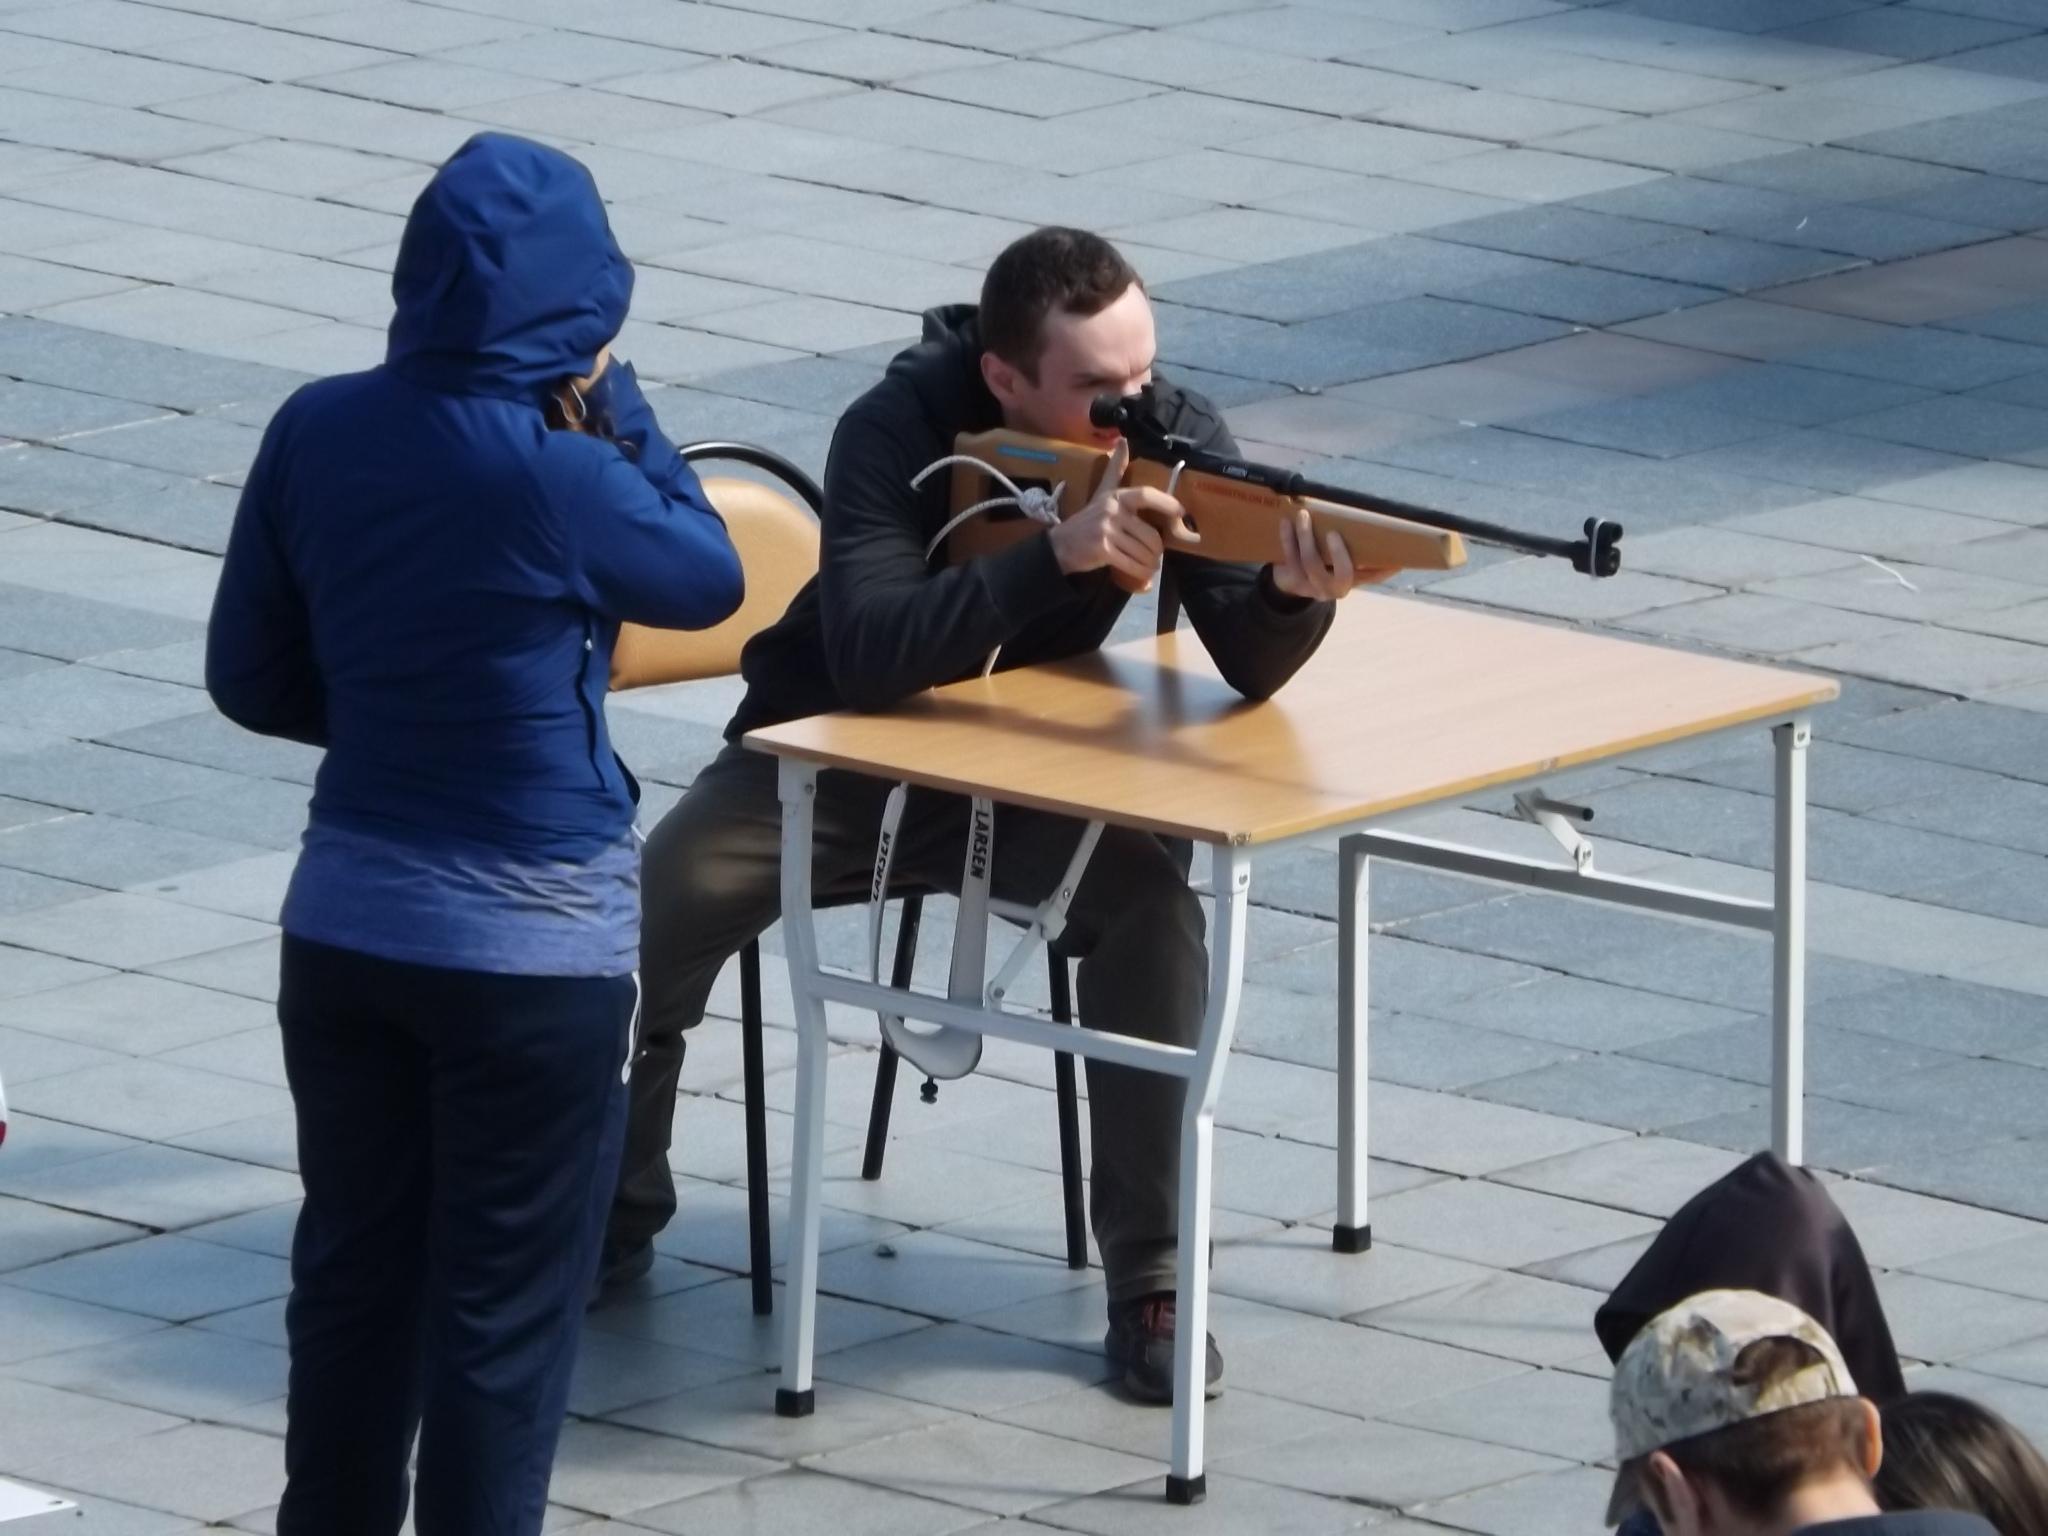 Выборная неожиданность: в Хабаровске допротестовались до второго тура